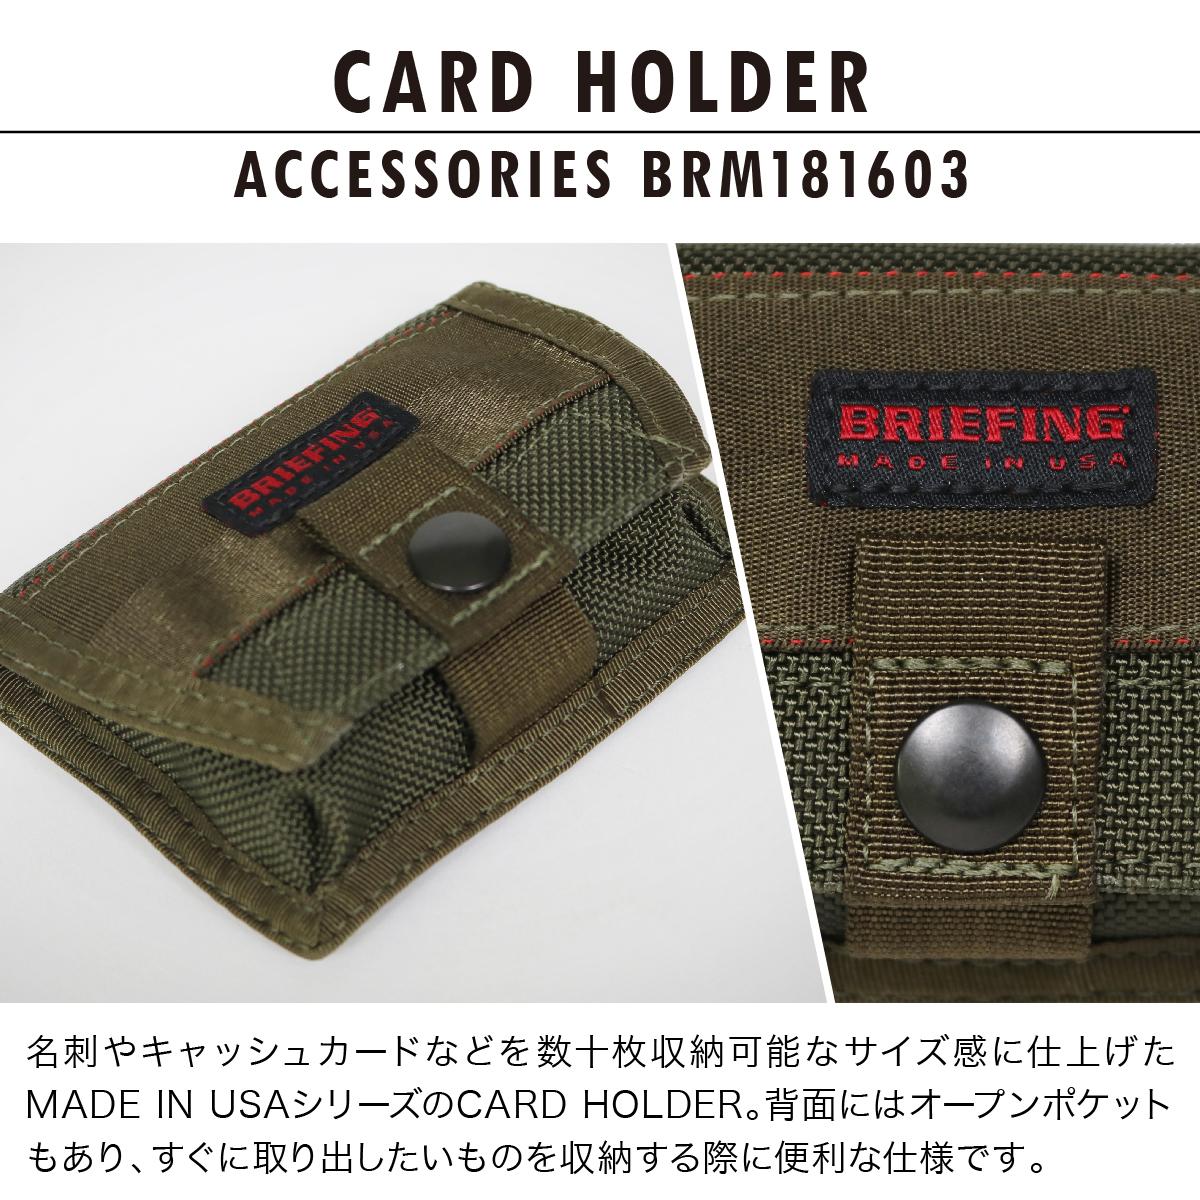 ブリーフィング カードホルダー USA BRM181603BRIEFING CARD HOLDER 名刺入れ カード入れ カードケース バリスティックナイロン メンズ PO10bef即日発送Ib7ygmYf6v